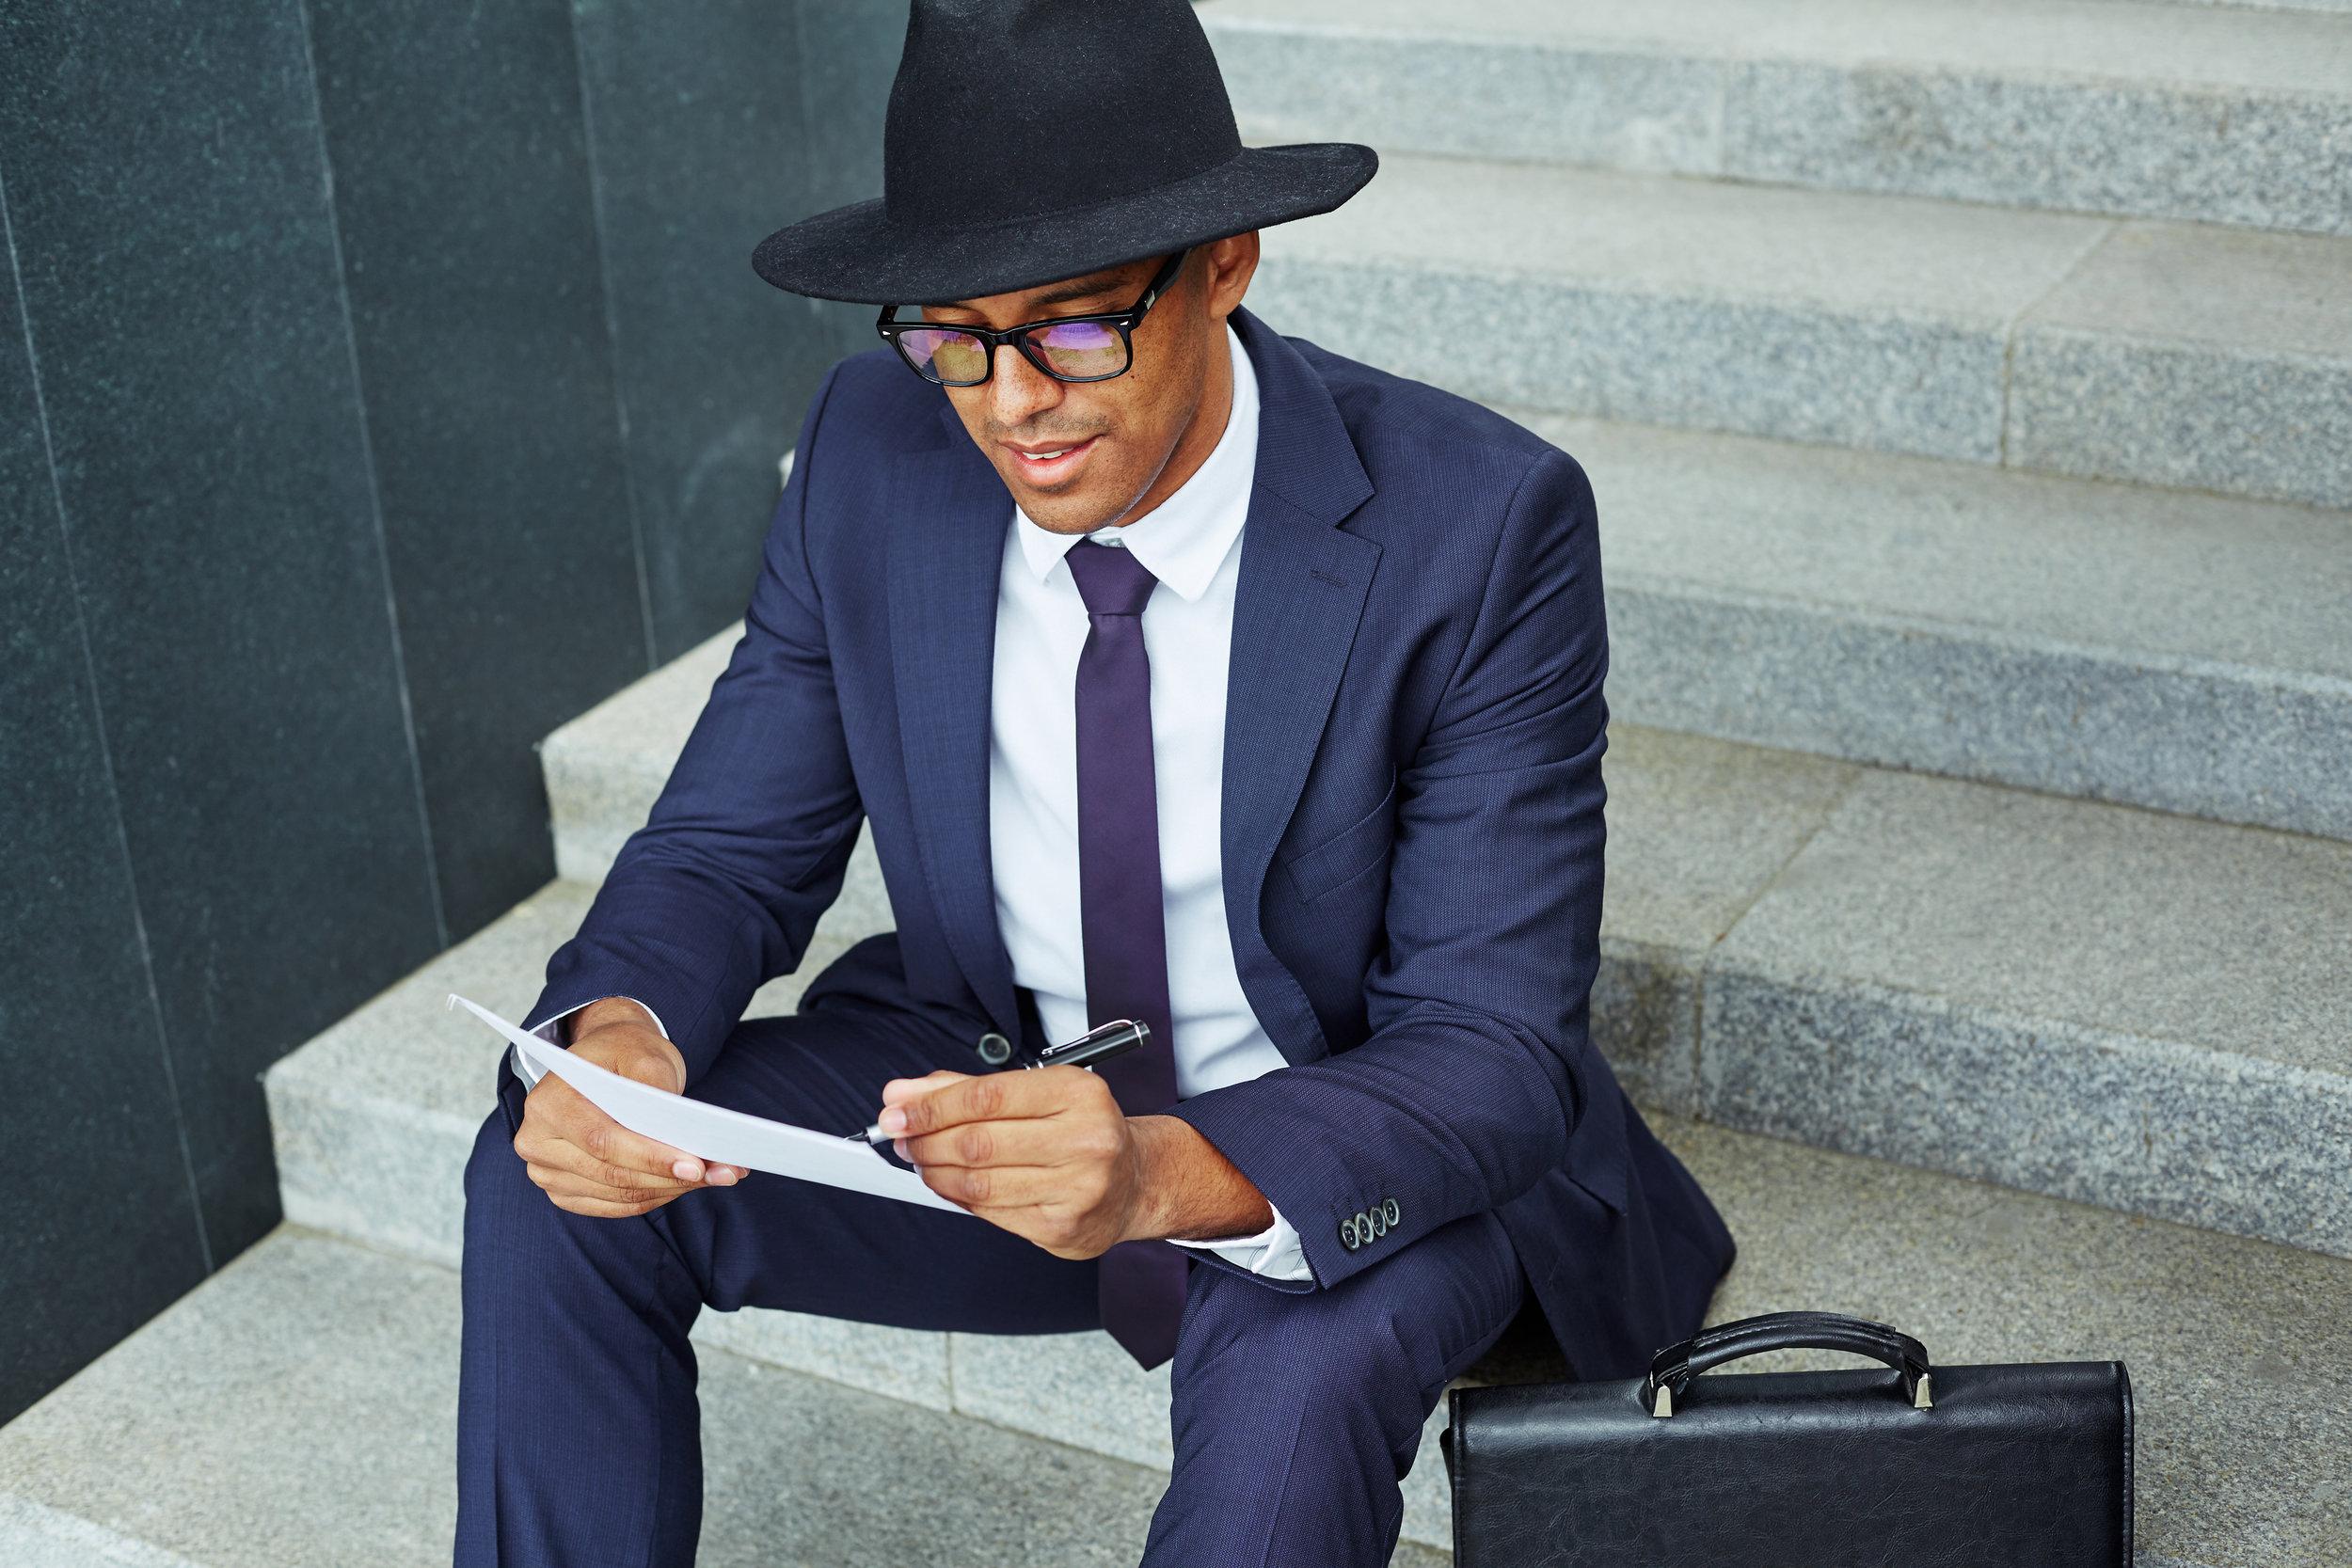 busy-entrepreneur-PMJCHZD.jpg